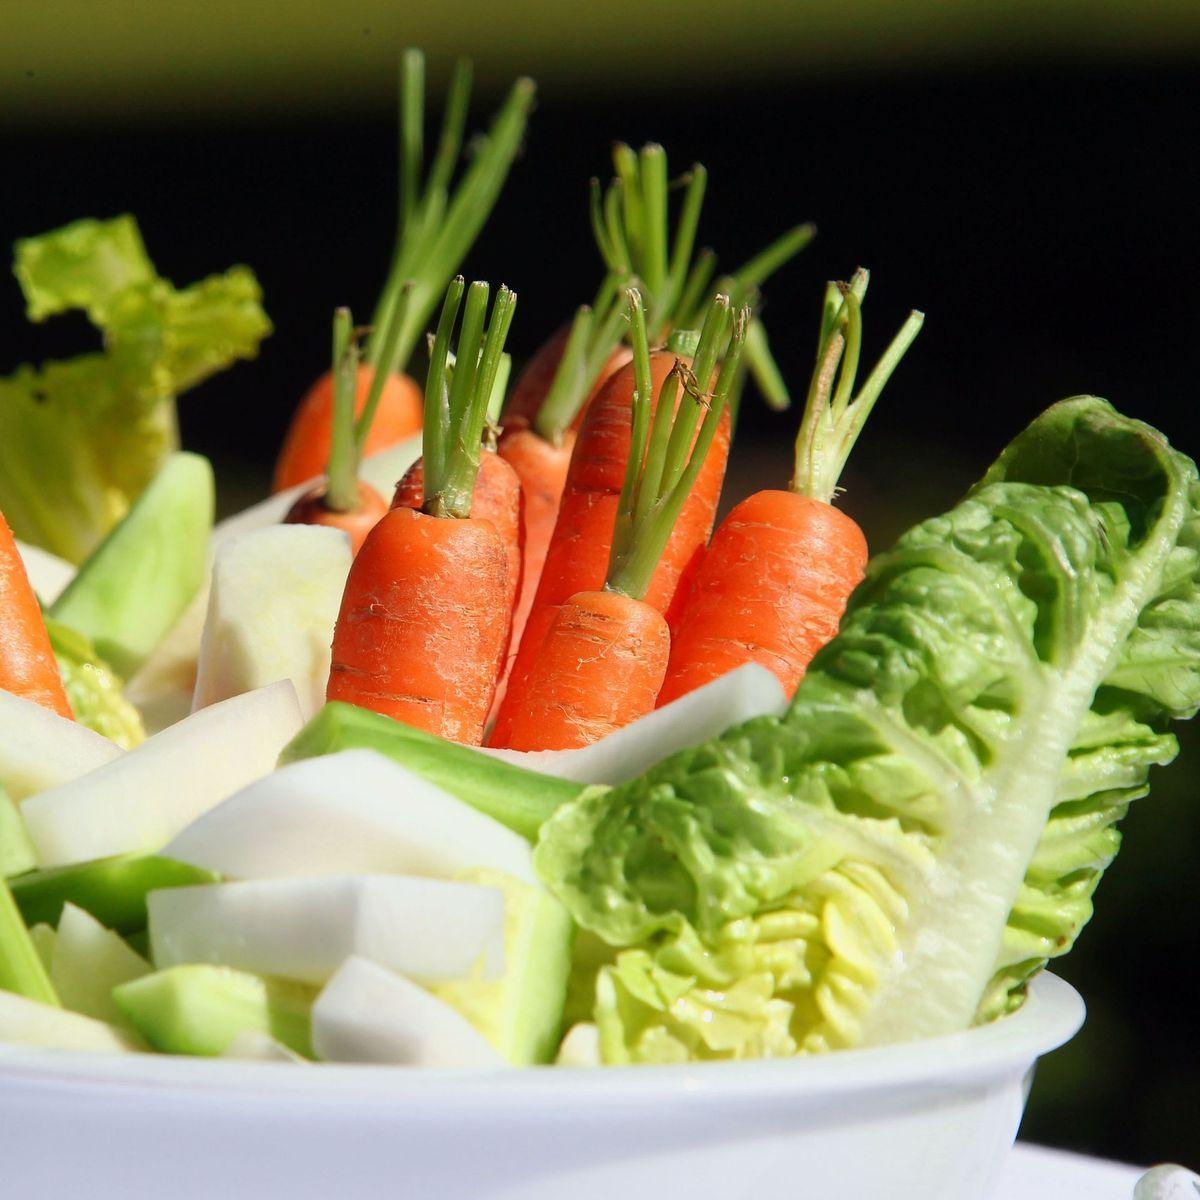 Grüne Salatdiät zur Gewichtsreduktion